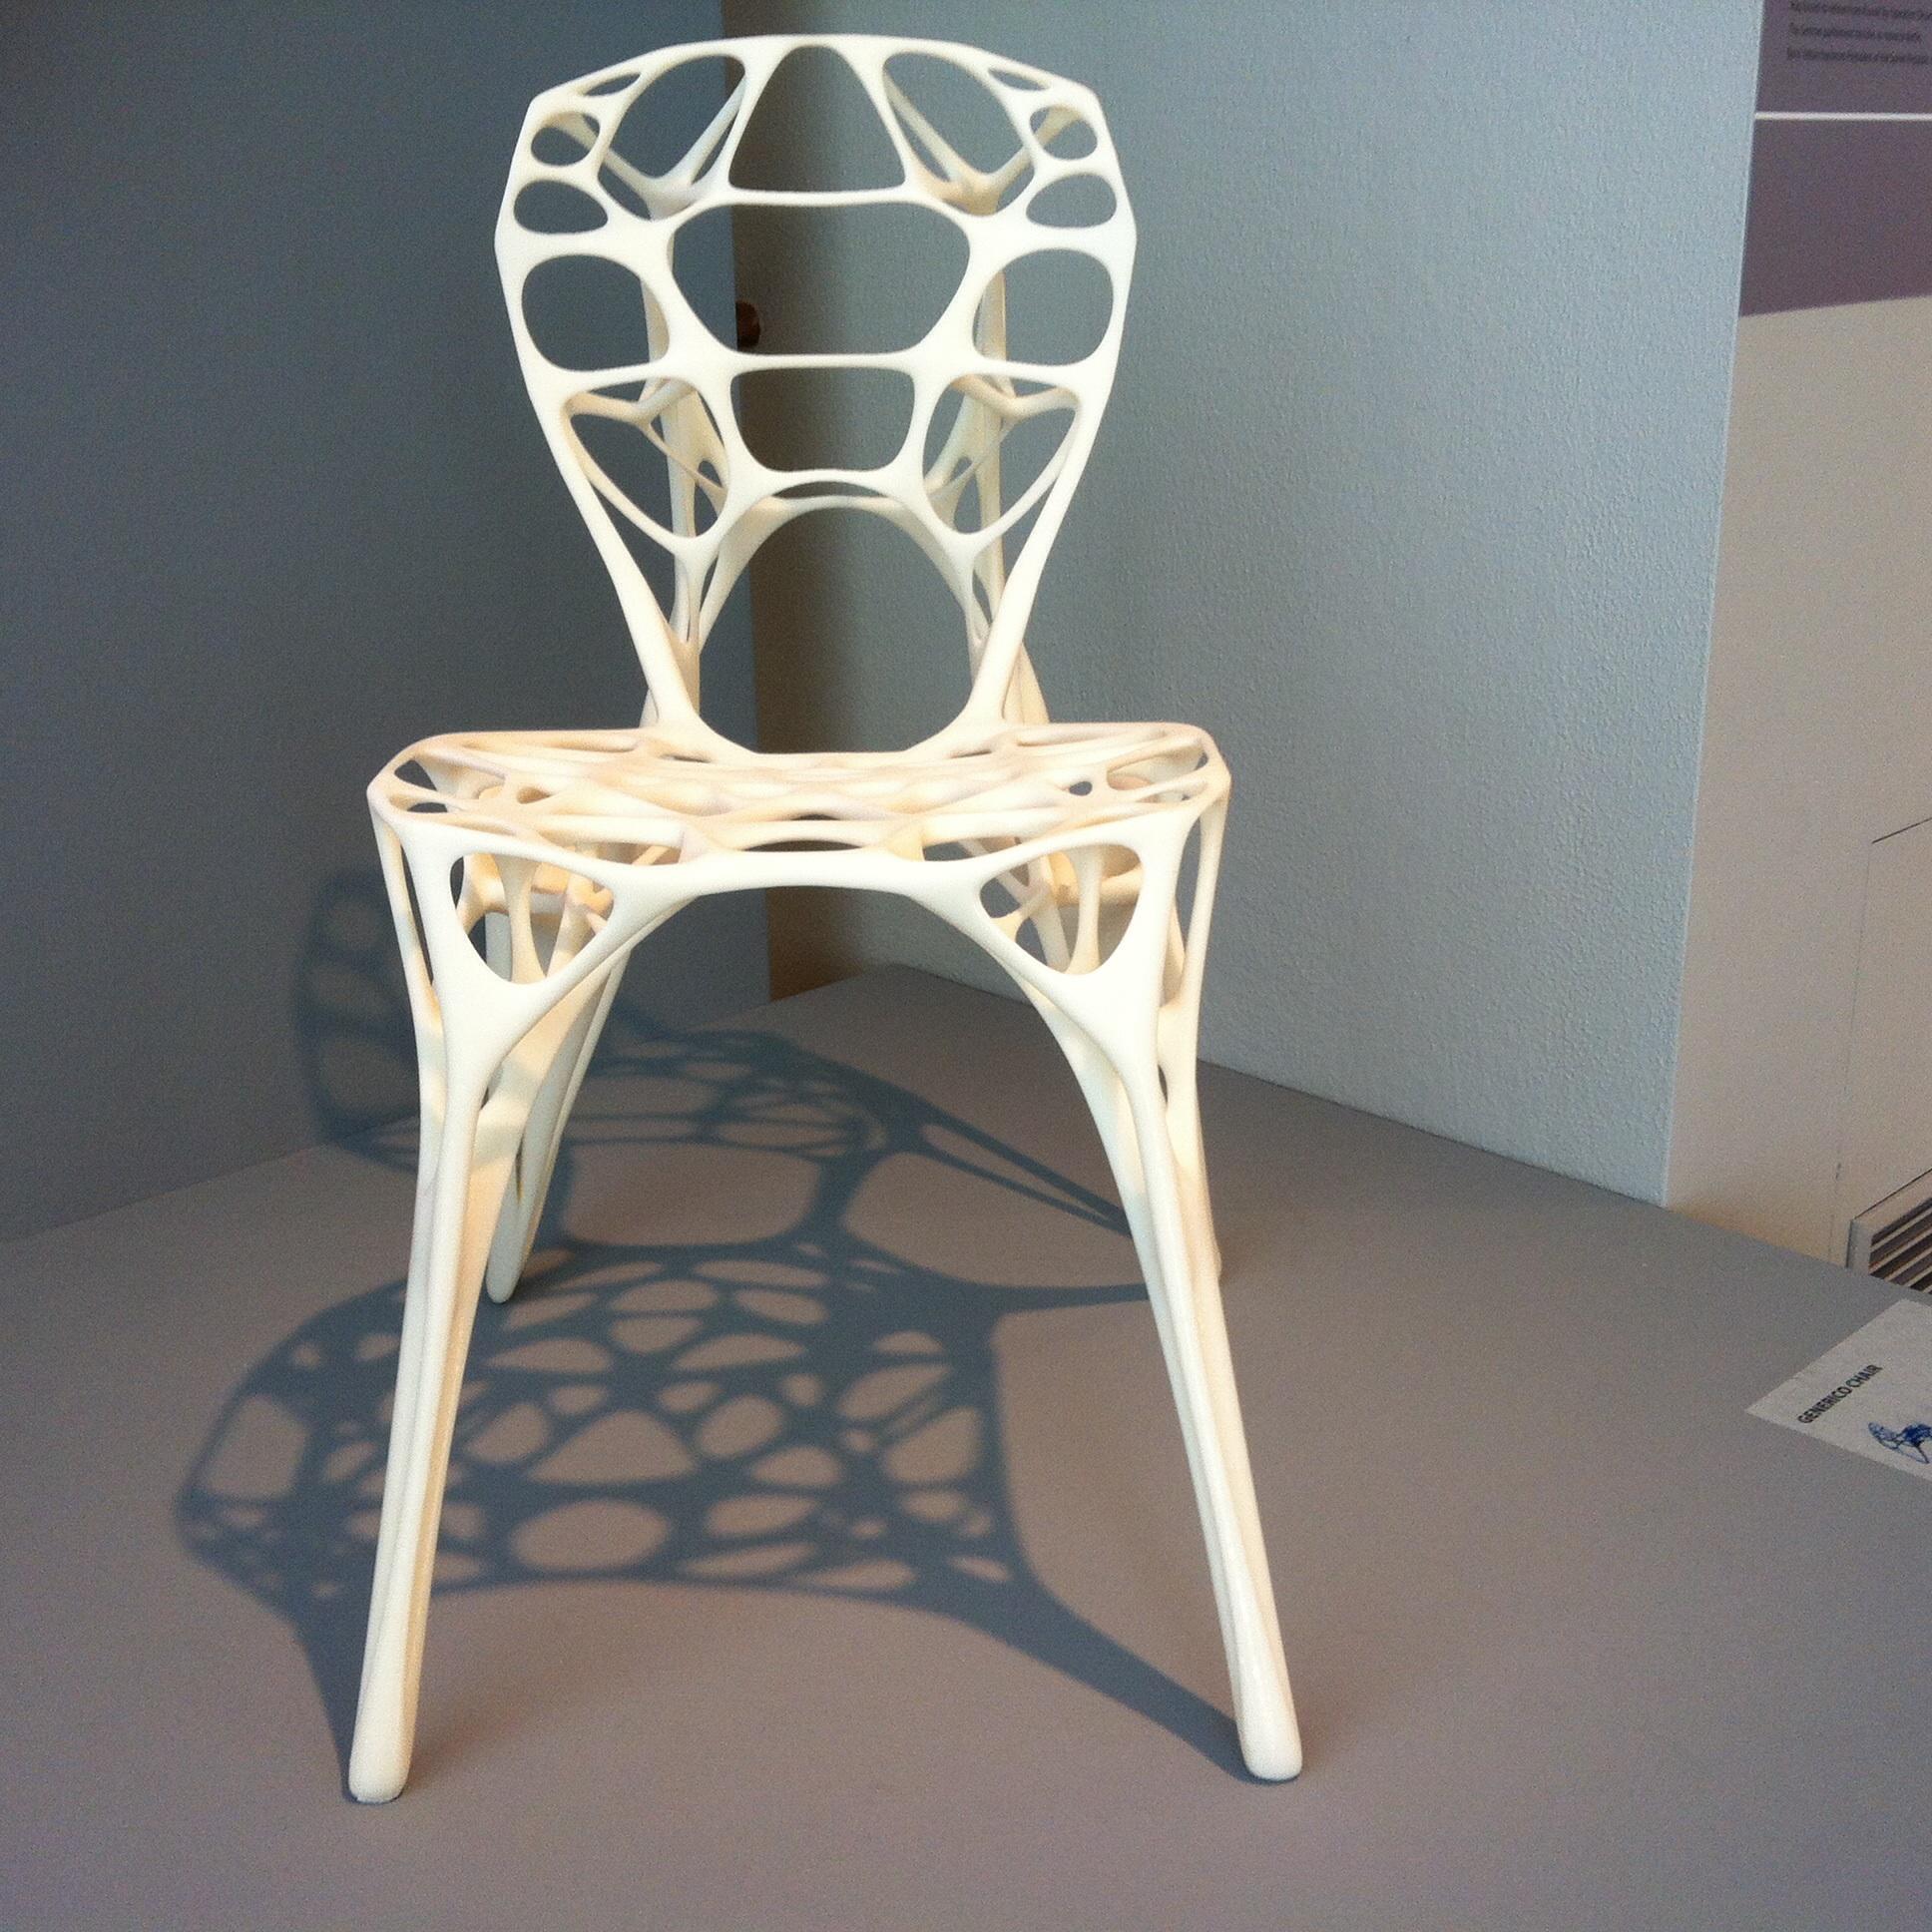 Der `Generico Chair´ von Marco Hemmerling und Ulrich Nether wird individuell angefertigt.